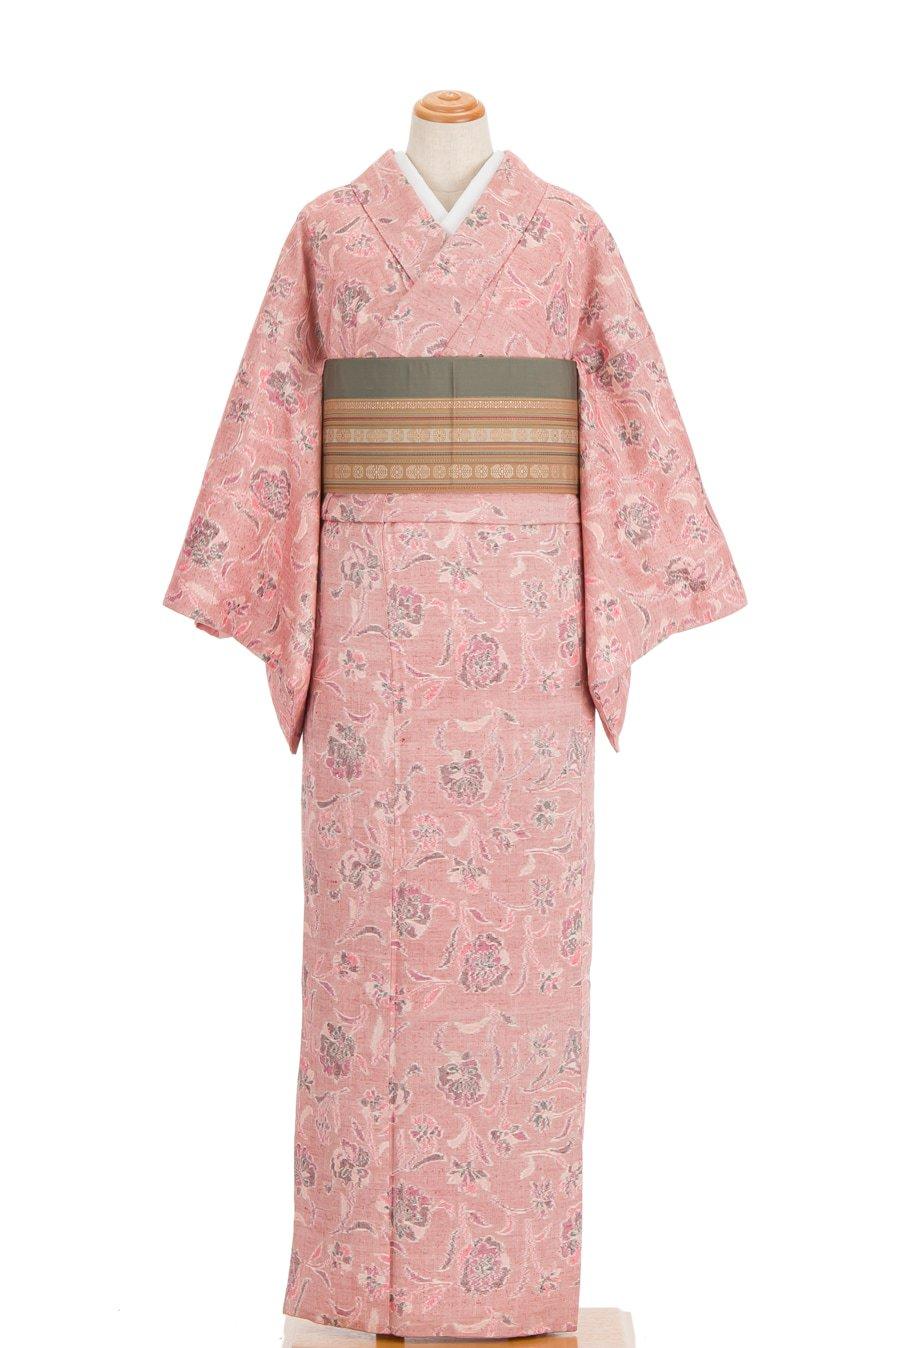 「紬 くすみピンク 小花」の商品画像